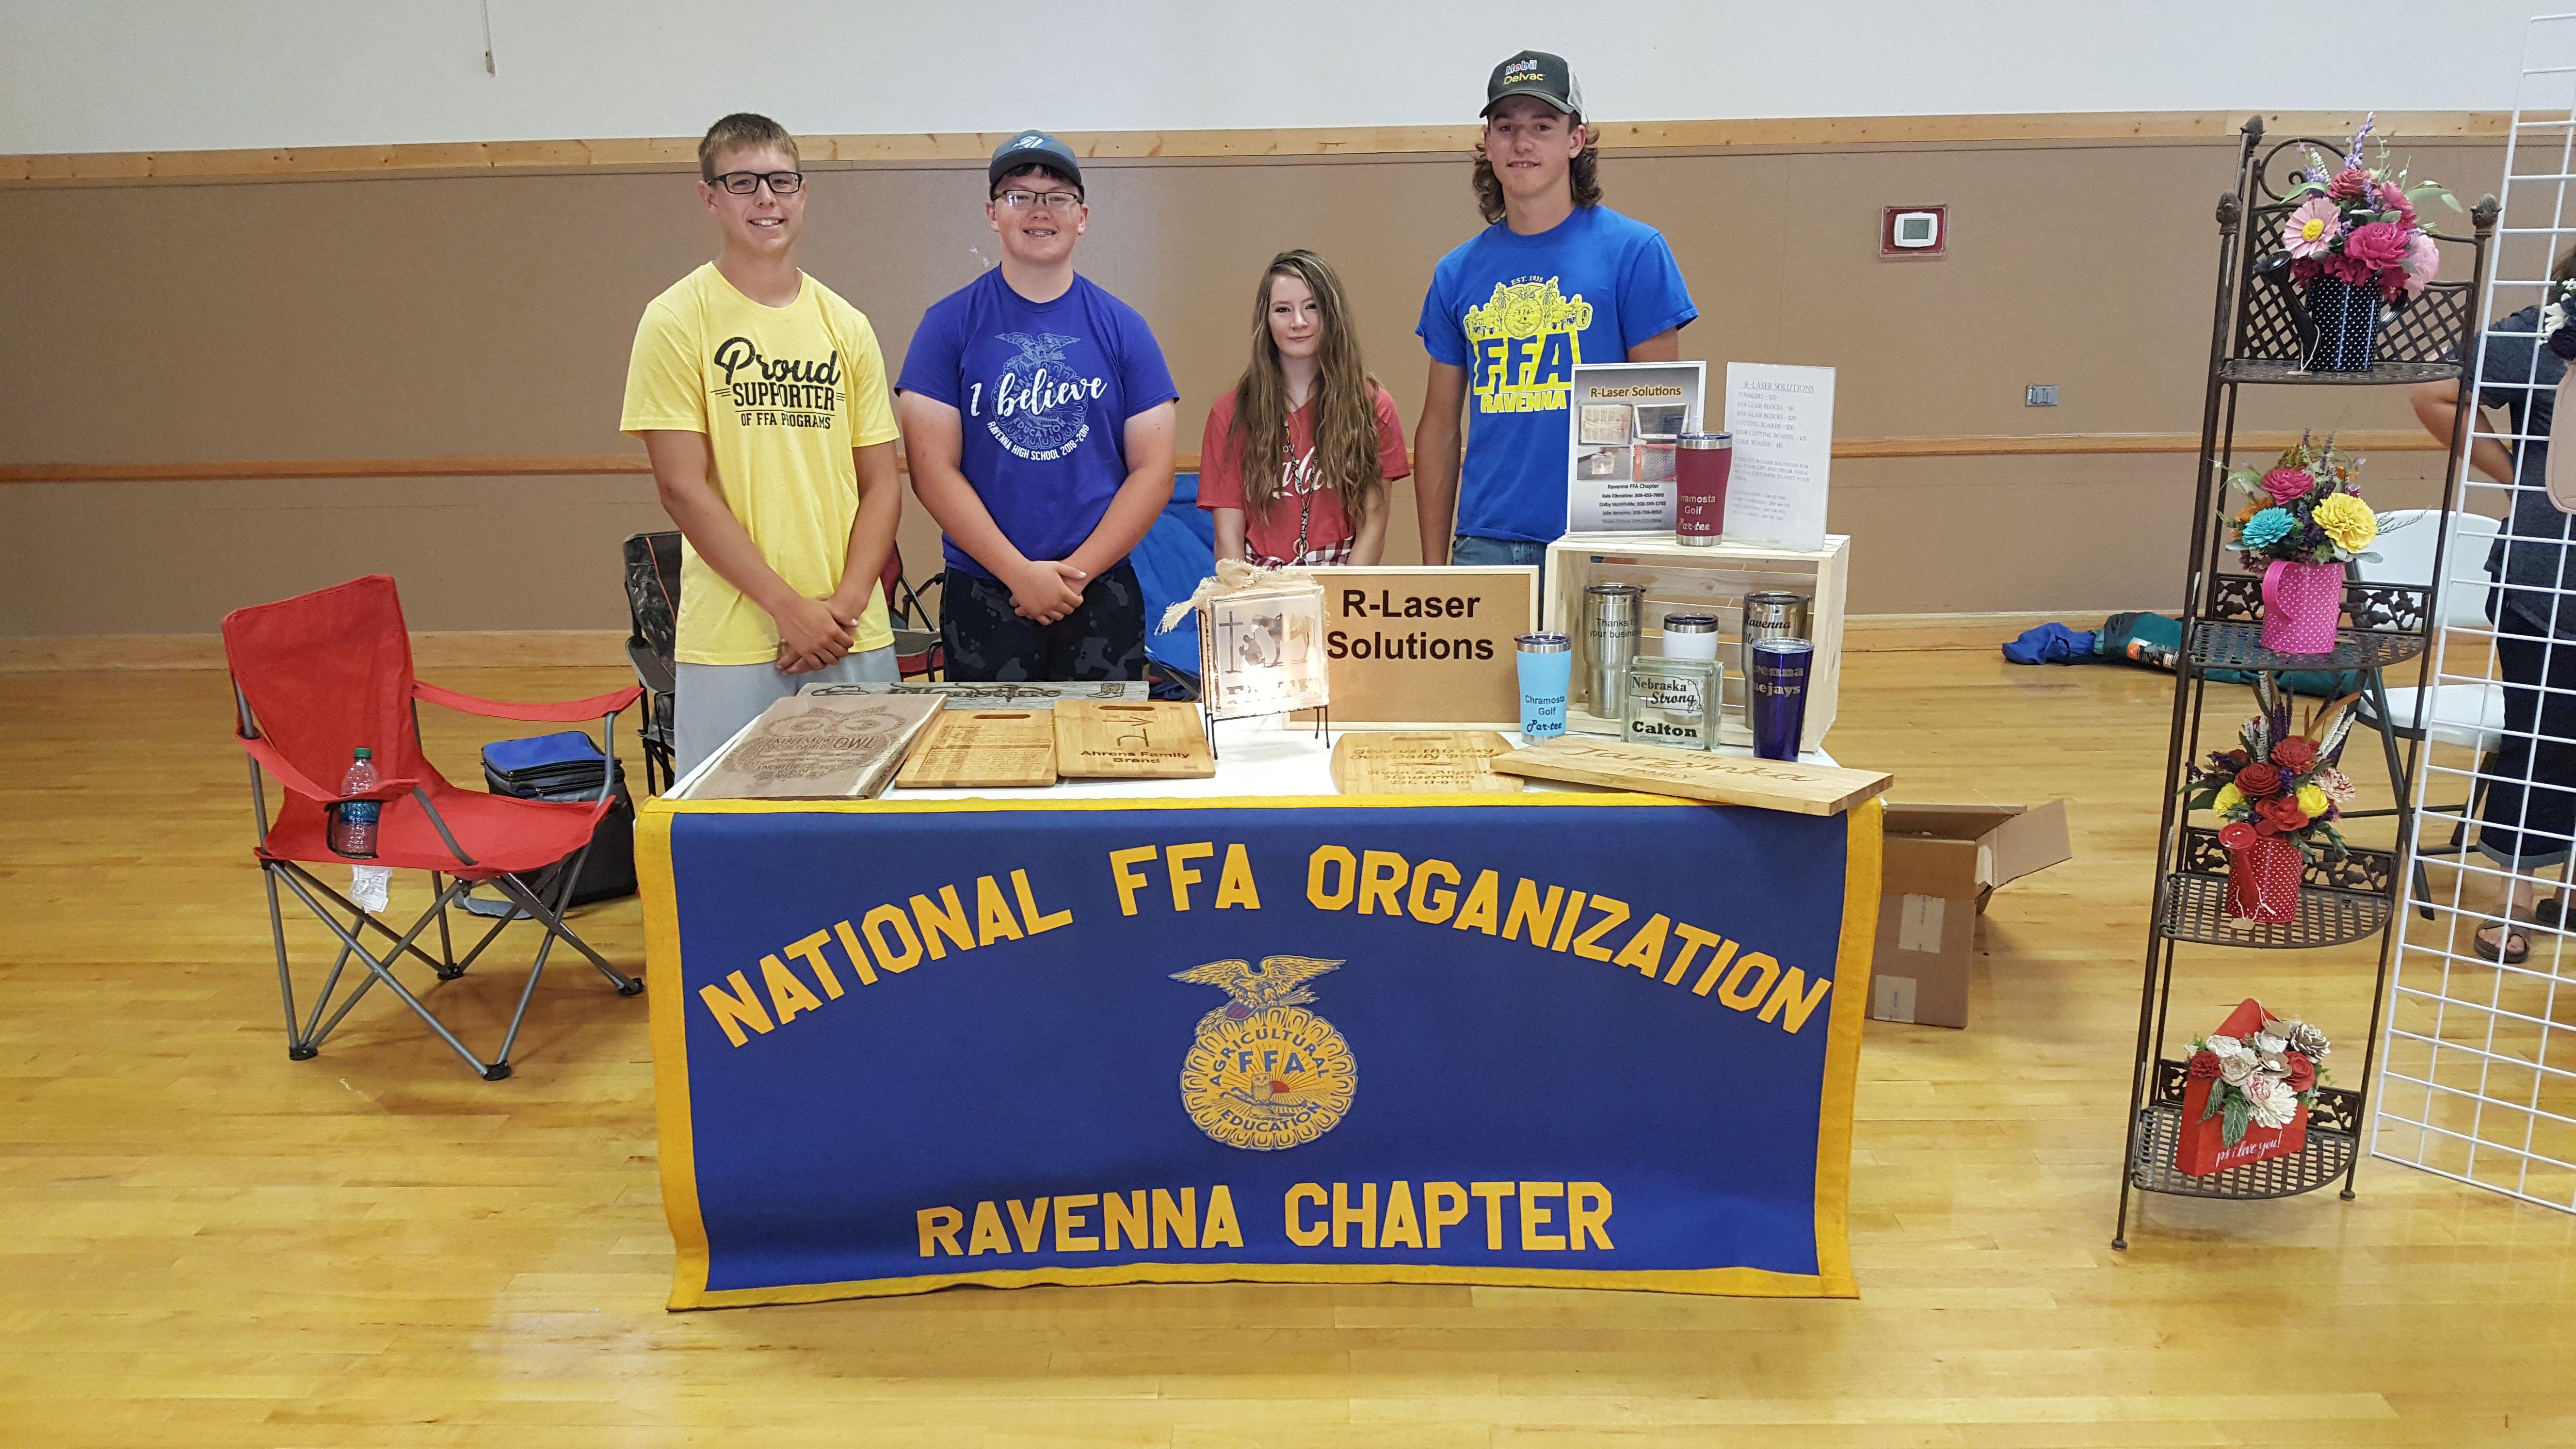 Ravenna R Laser Solutions